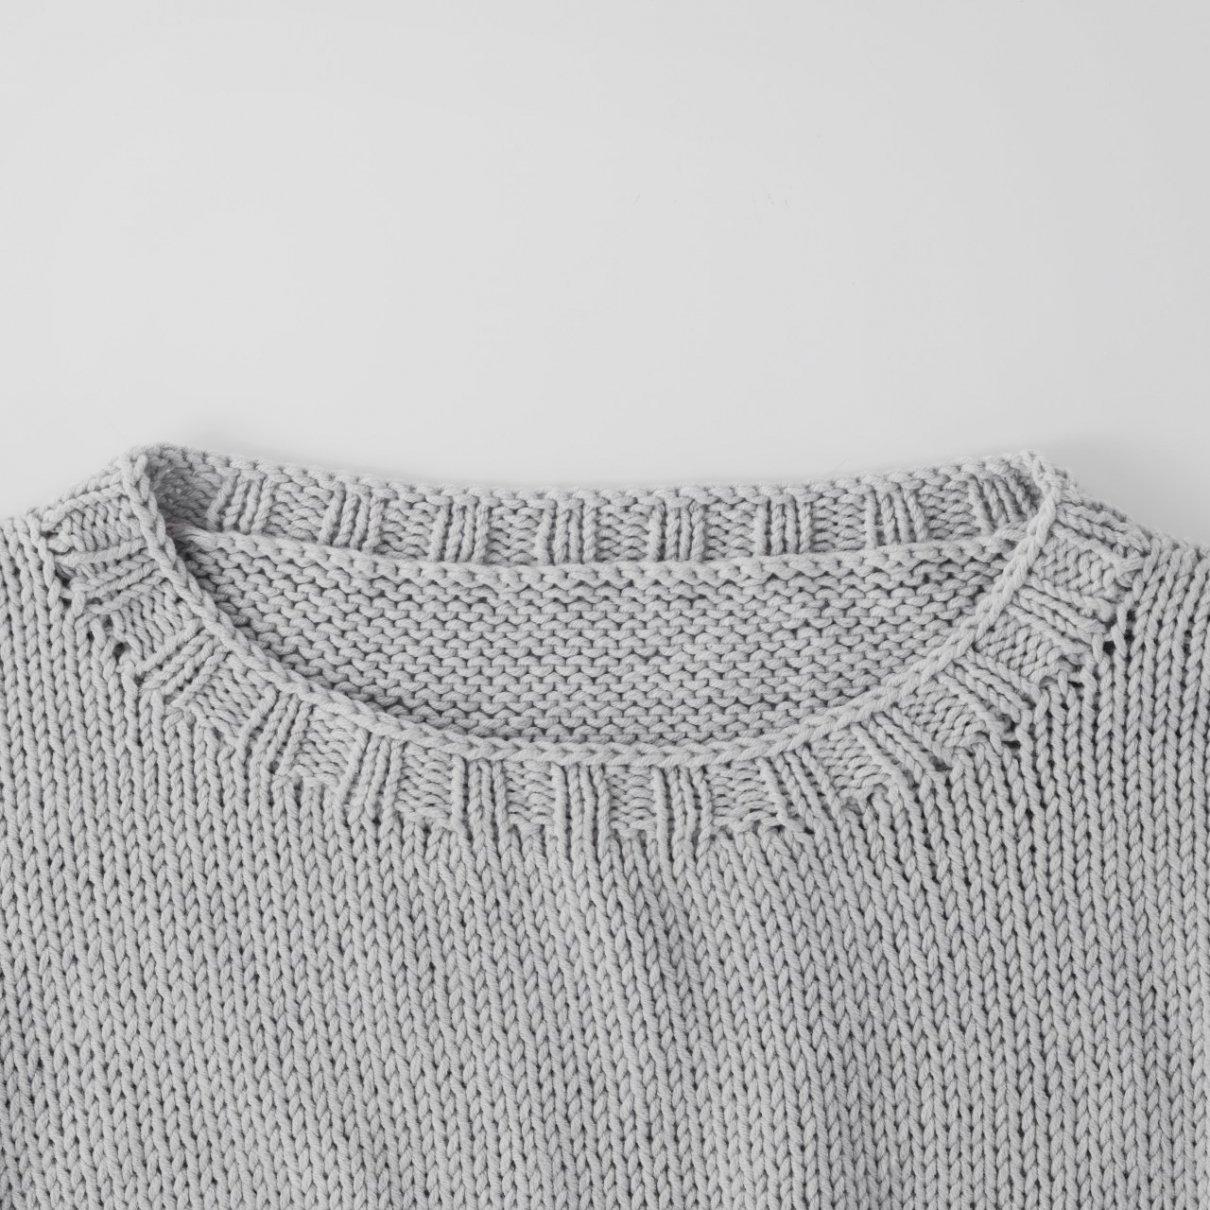 ショート丈のバイカラープルオーバー(TS-16 手編み大好き!2020SS掲載作品)